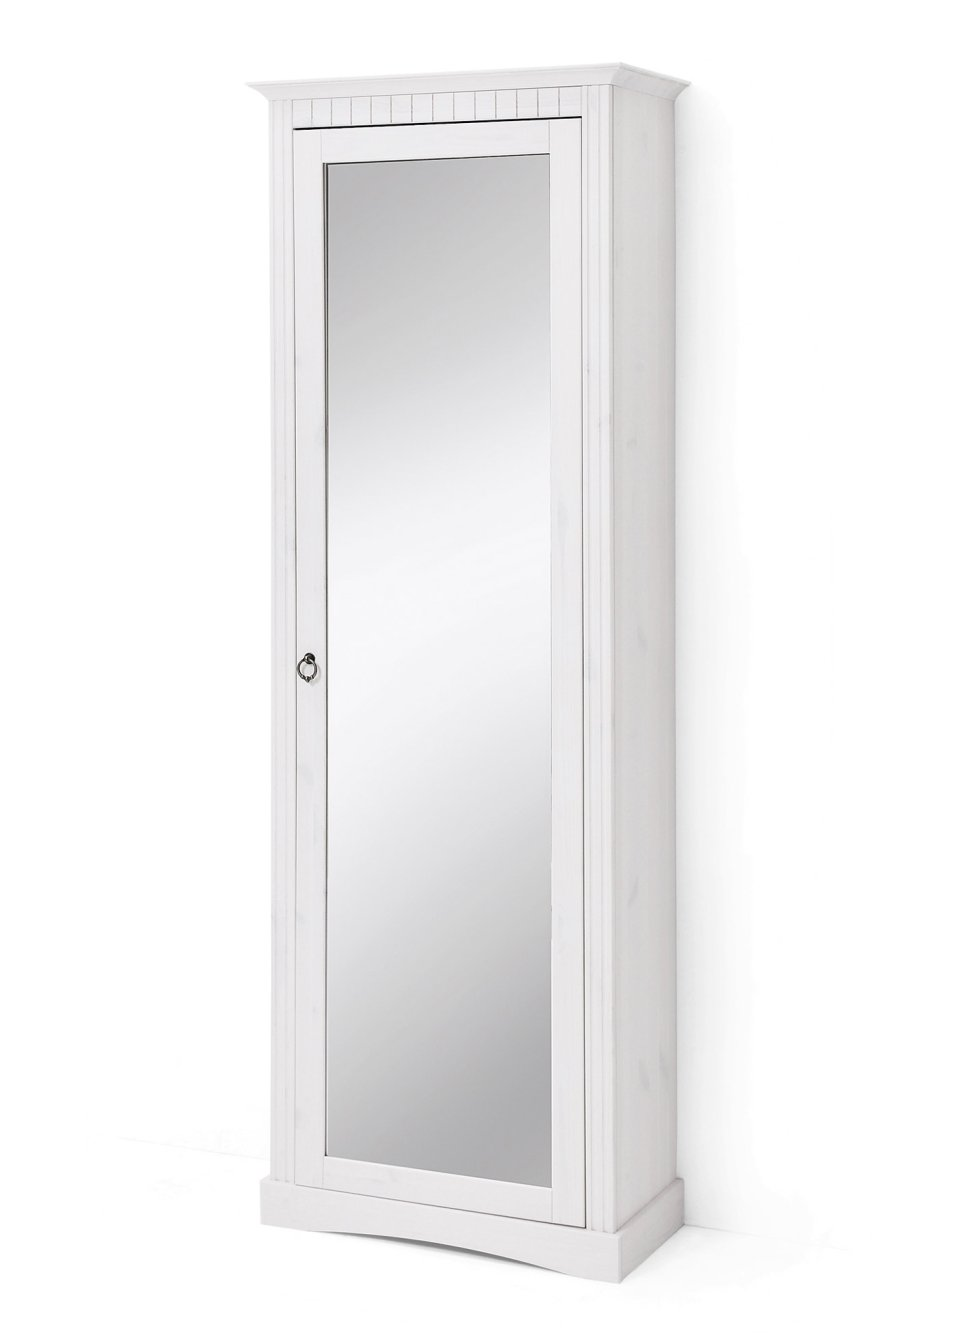 Scarpiera con specchio napoli bianco bpc living acquista online - Scarpiera con specchio ...